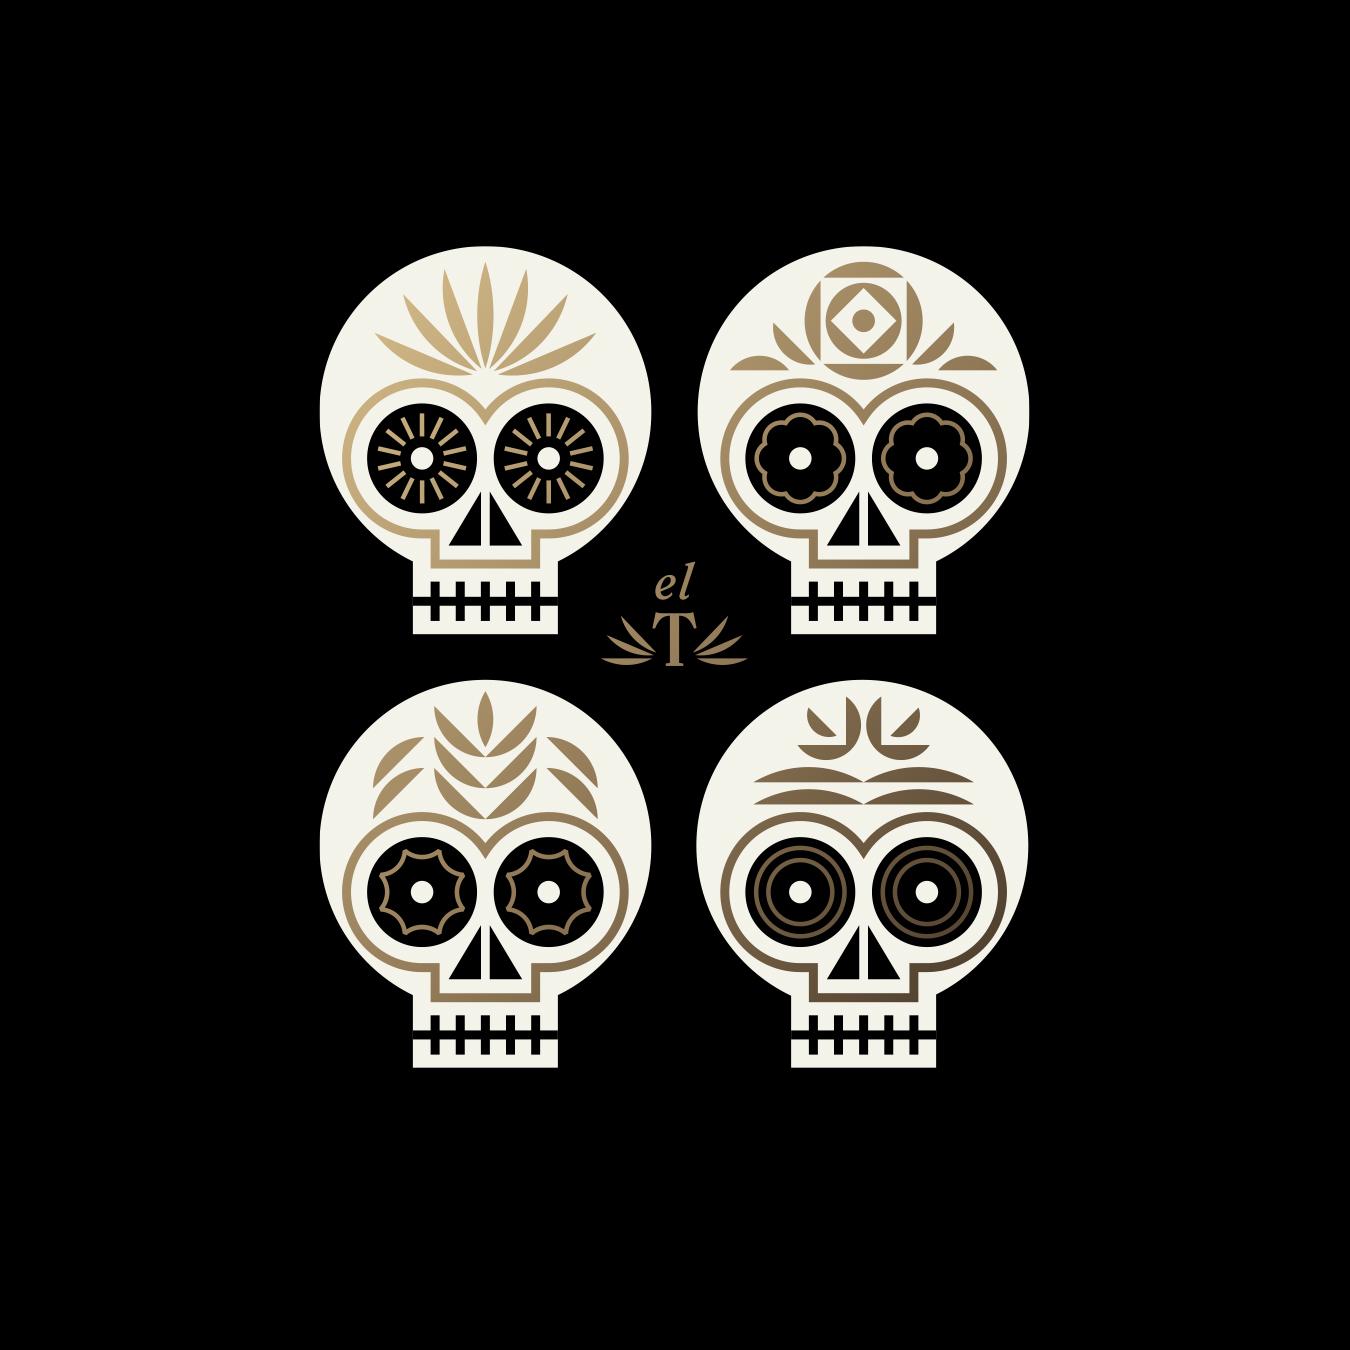 El Thrifty Restaurant Four Skull Illustration